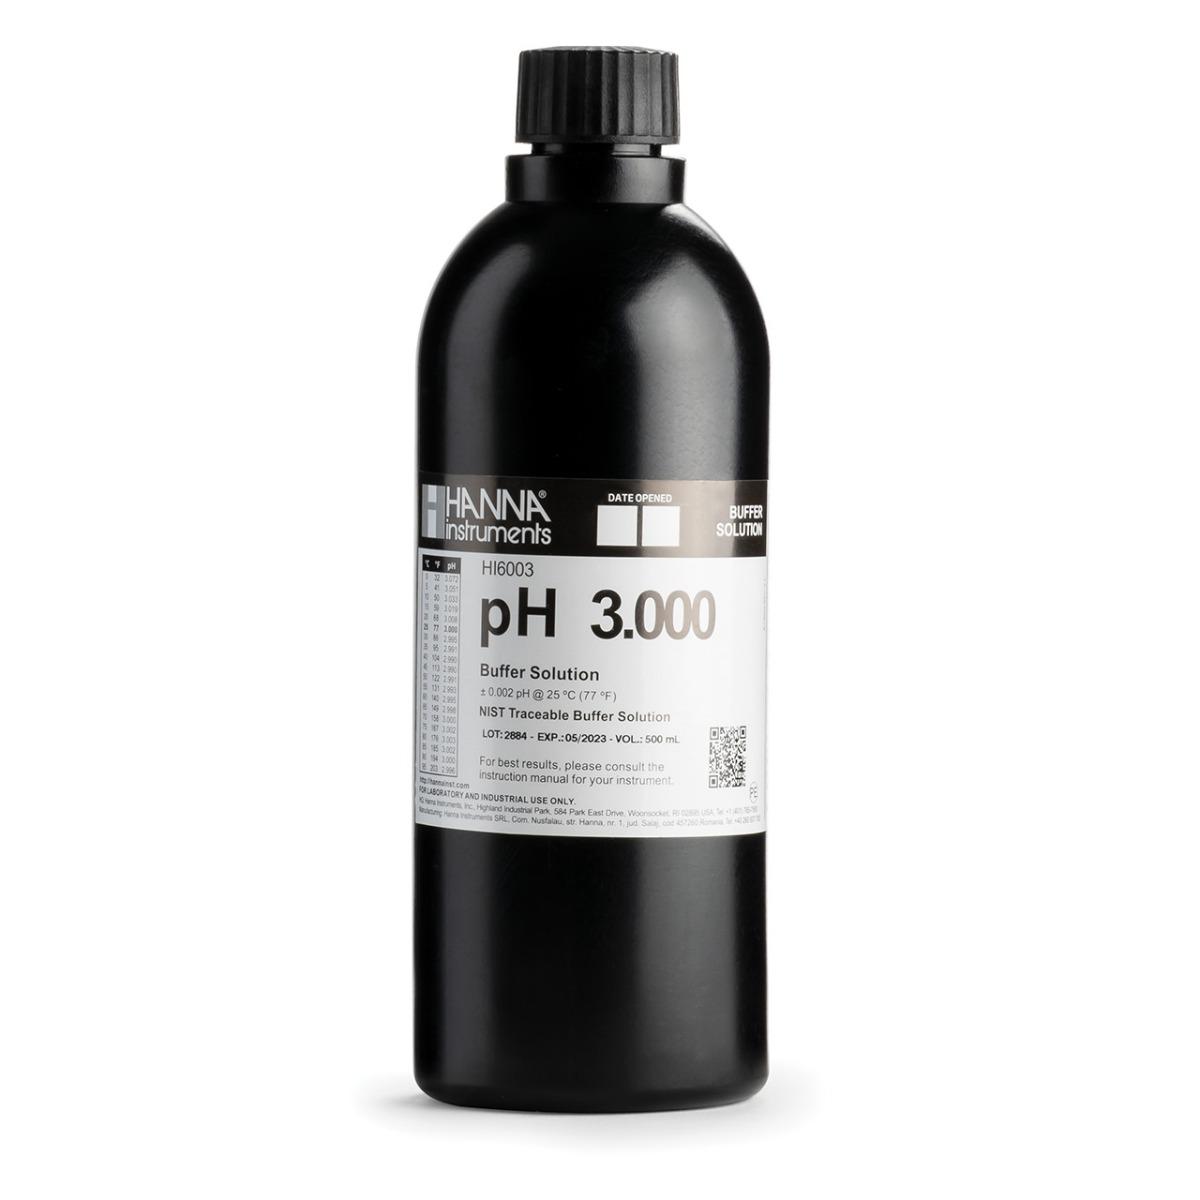 HI6003 pH 3.000 Millesimal Calibration Buffer (500 mL)